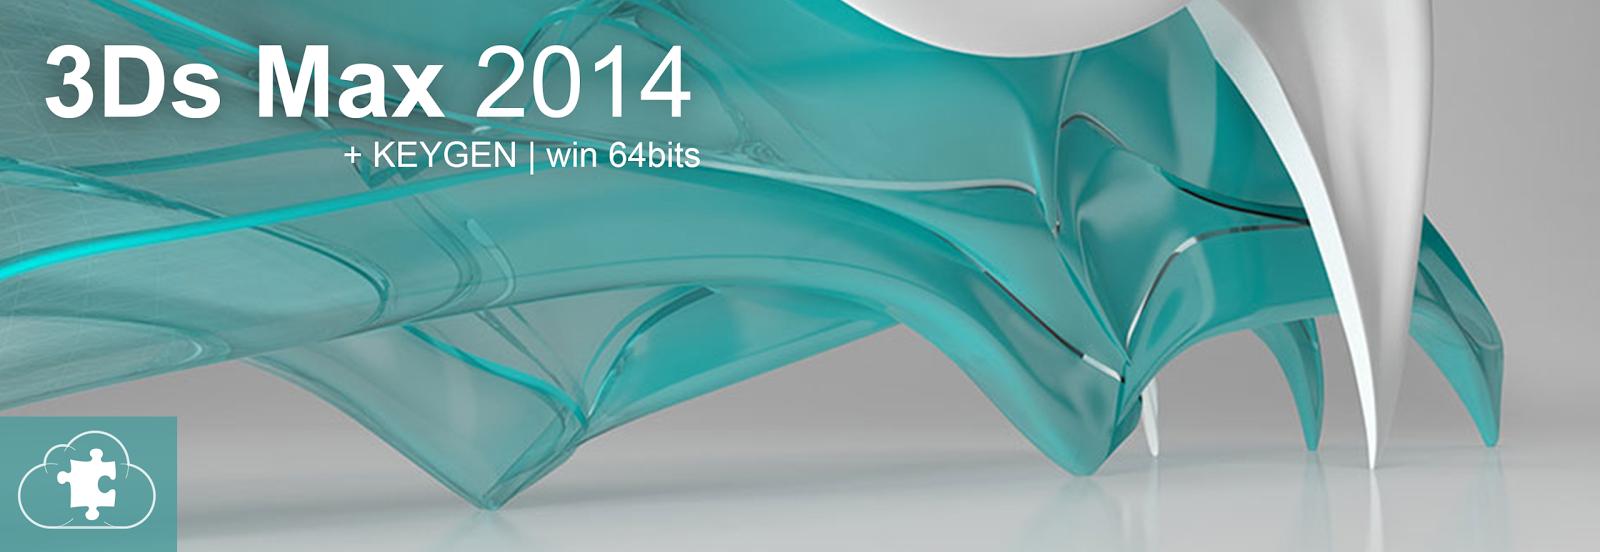 3Ds Max  2014 | Autodesk | win 64bits